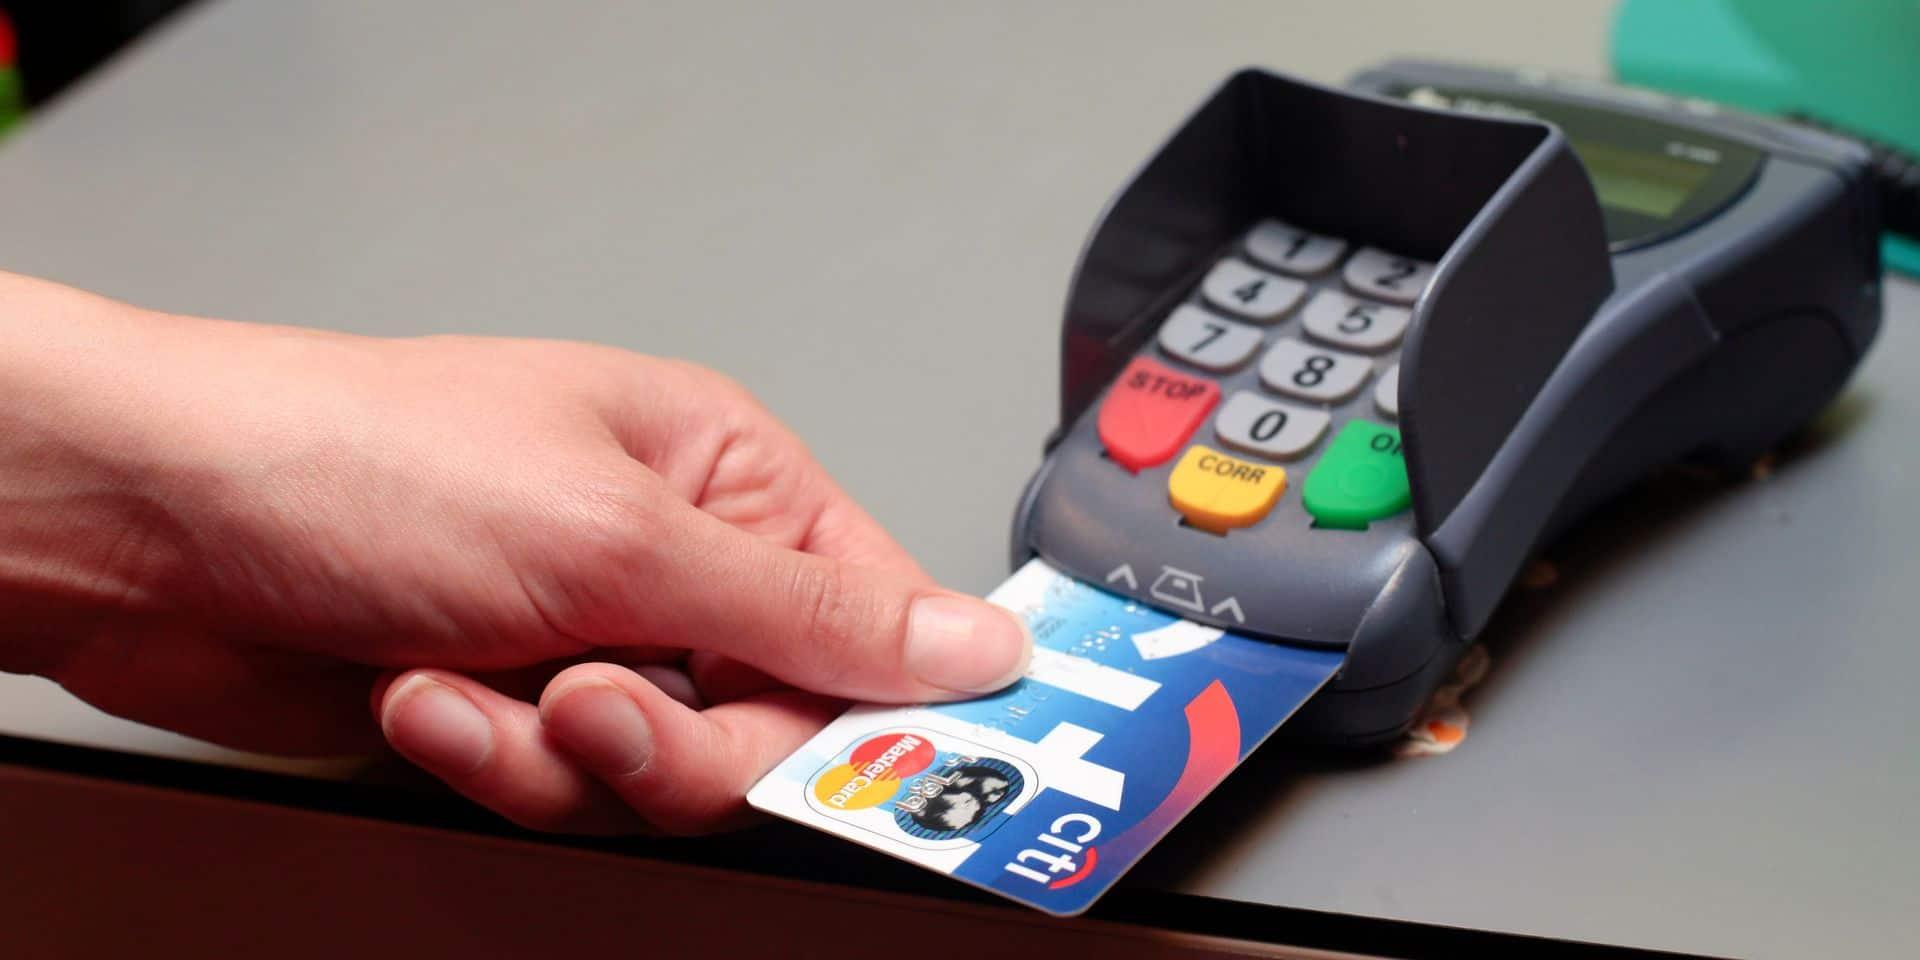 Malgré l'interdiction, certains commerçants continuent à facturer les coûts de transaction bancaire